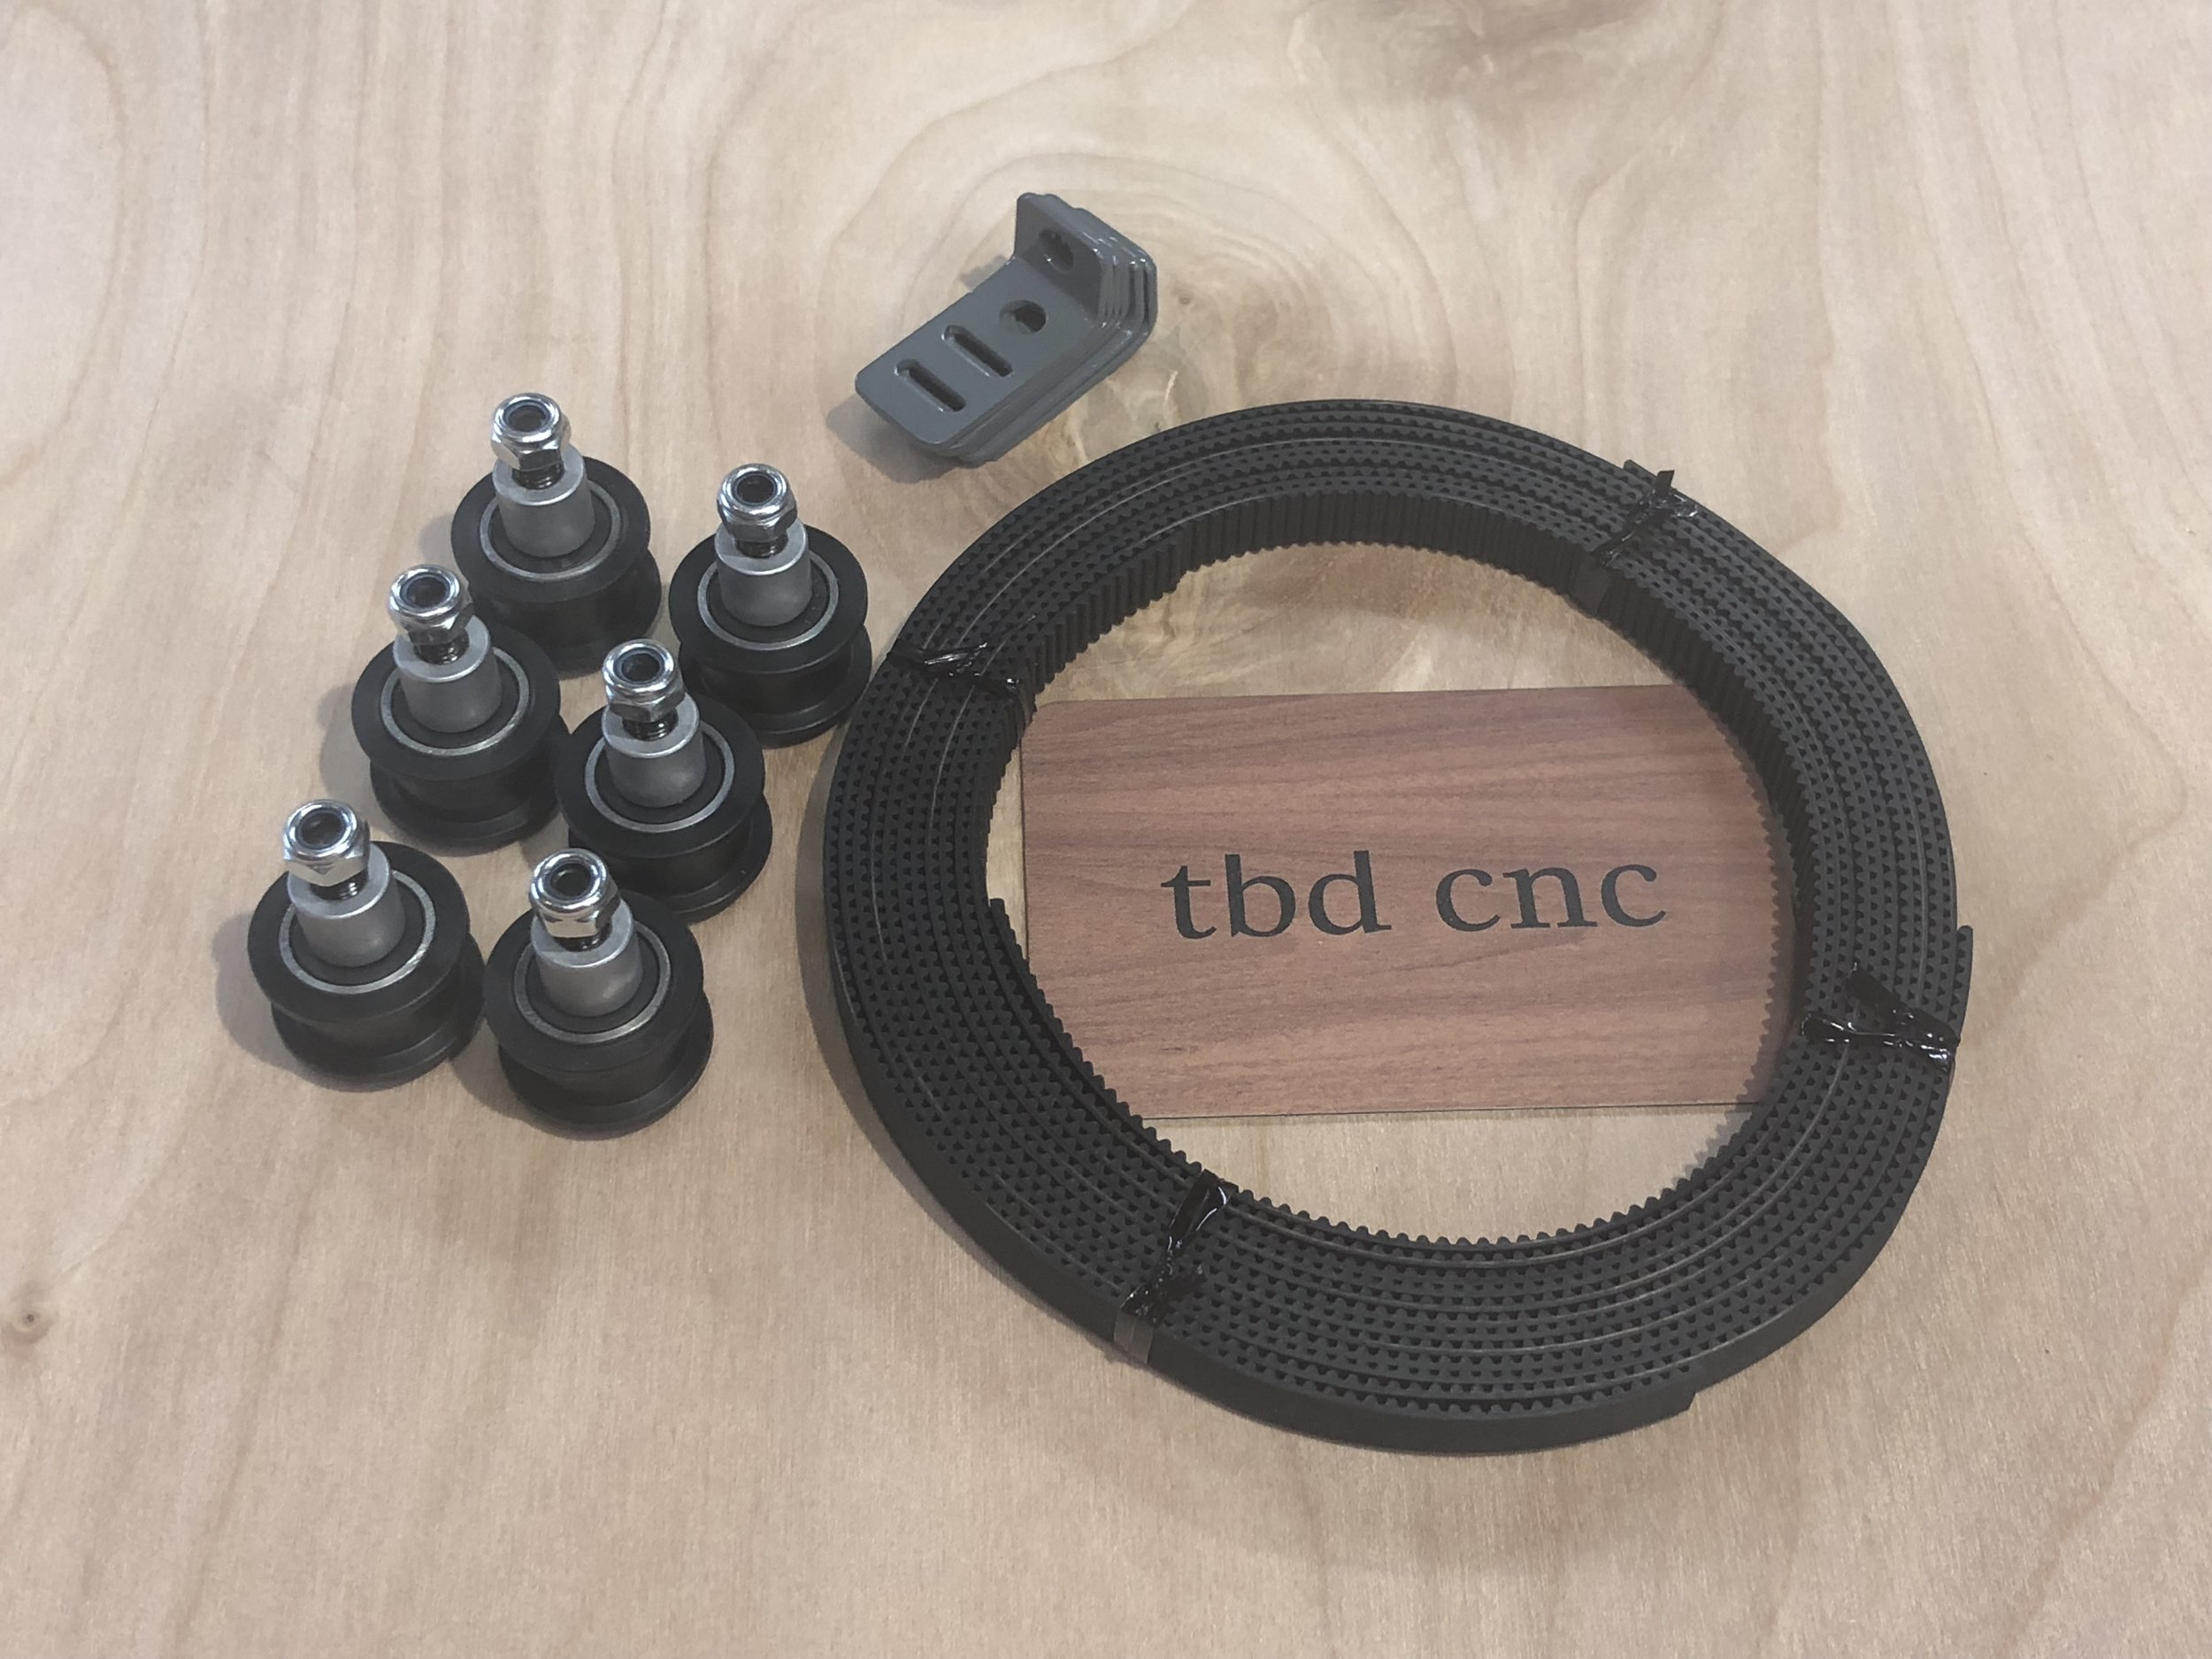 tbd cnc 2GT2 Kit